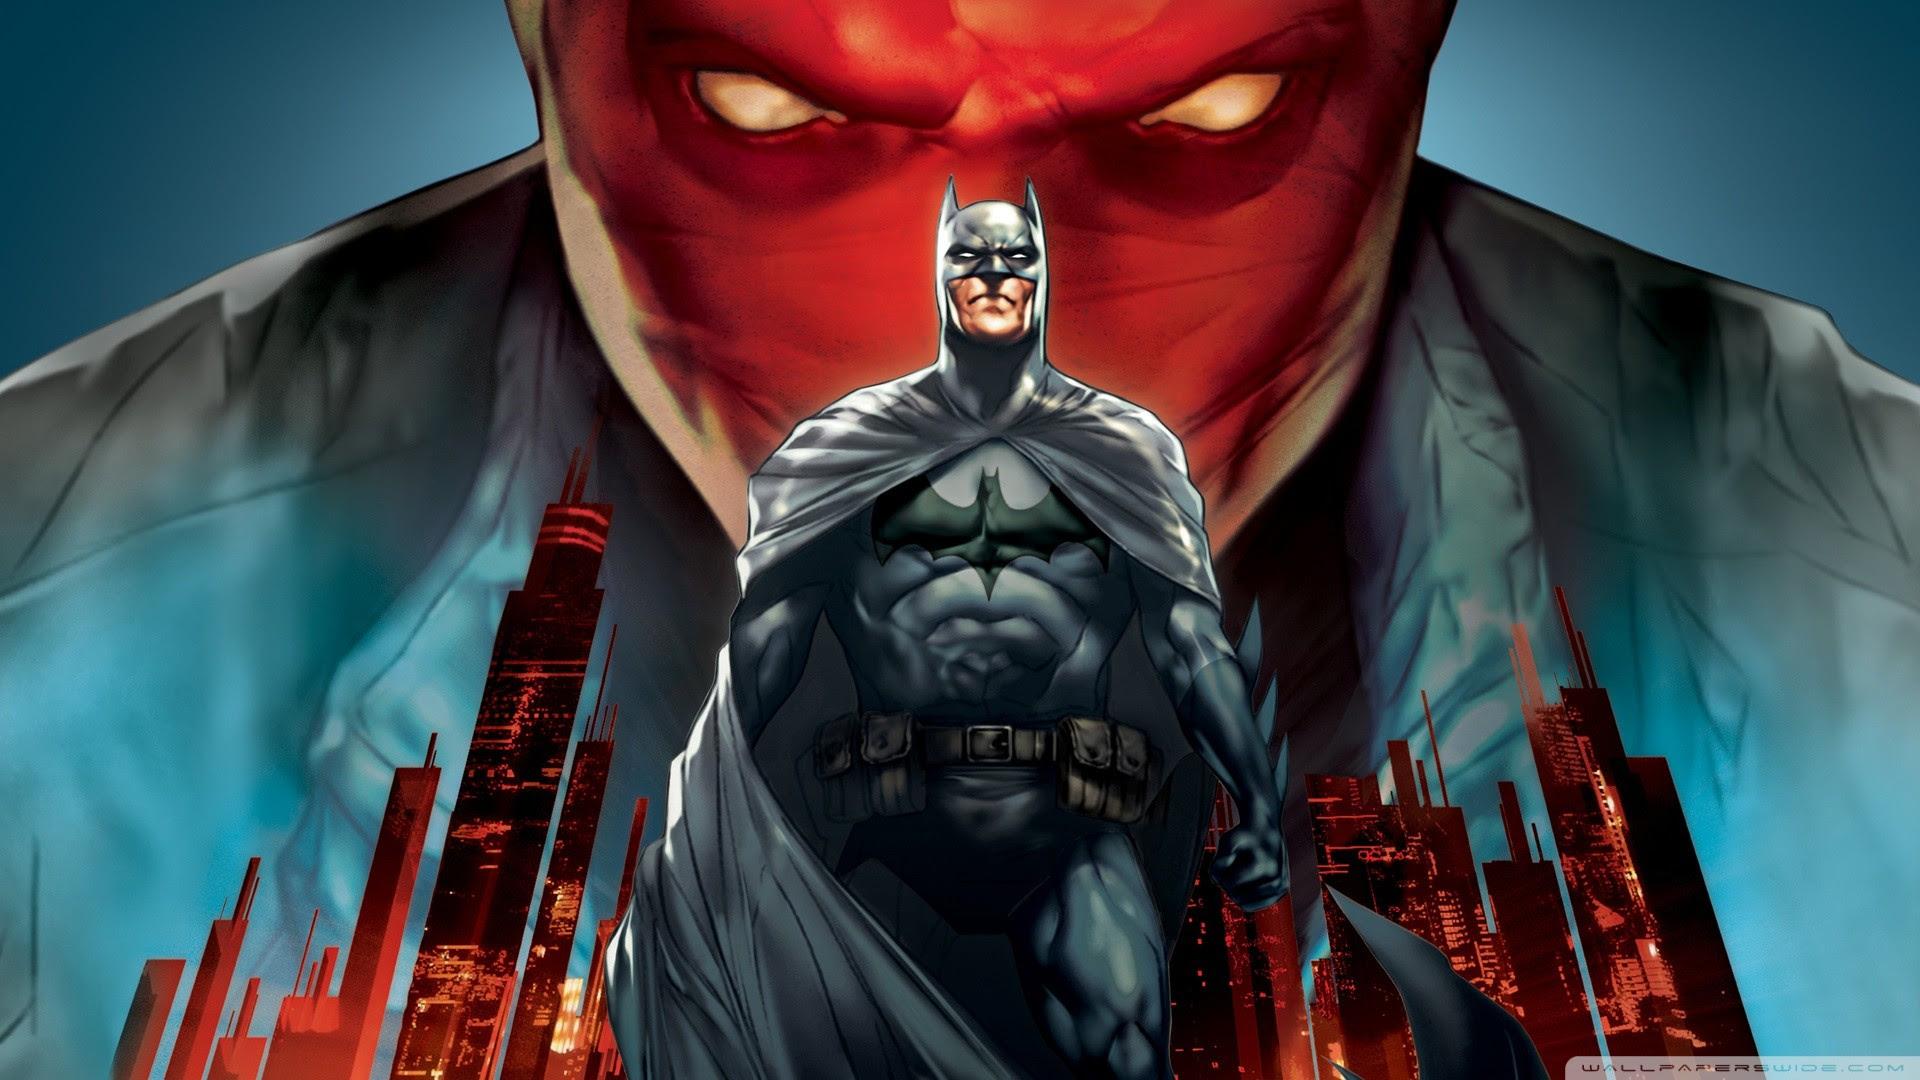 Batman Red Hood Hd Wallpaper 73 Images